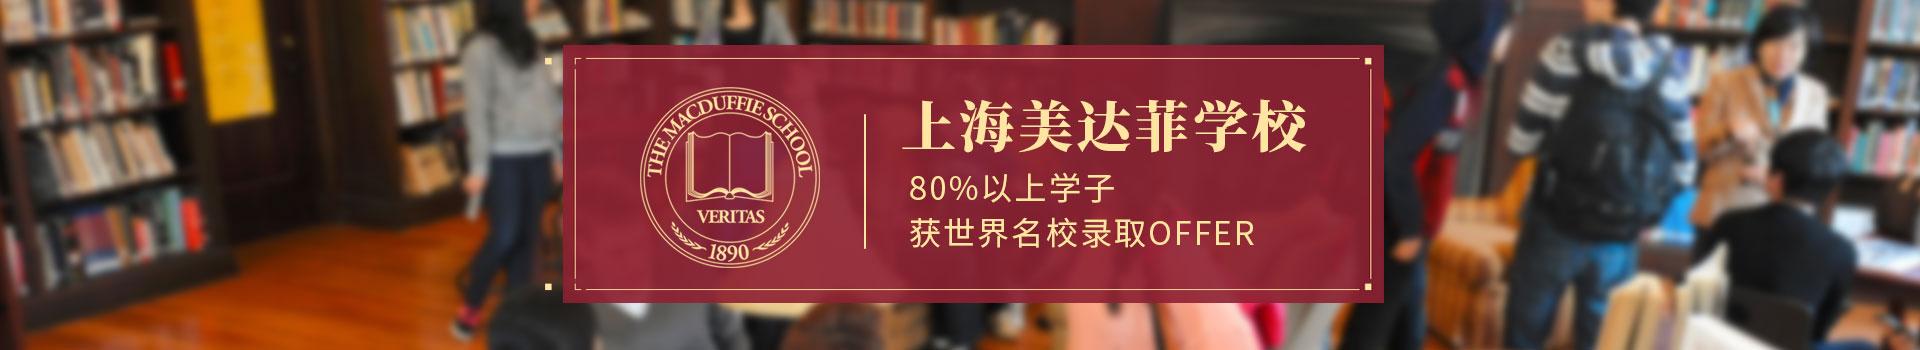 上海美达菲